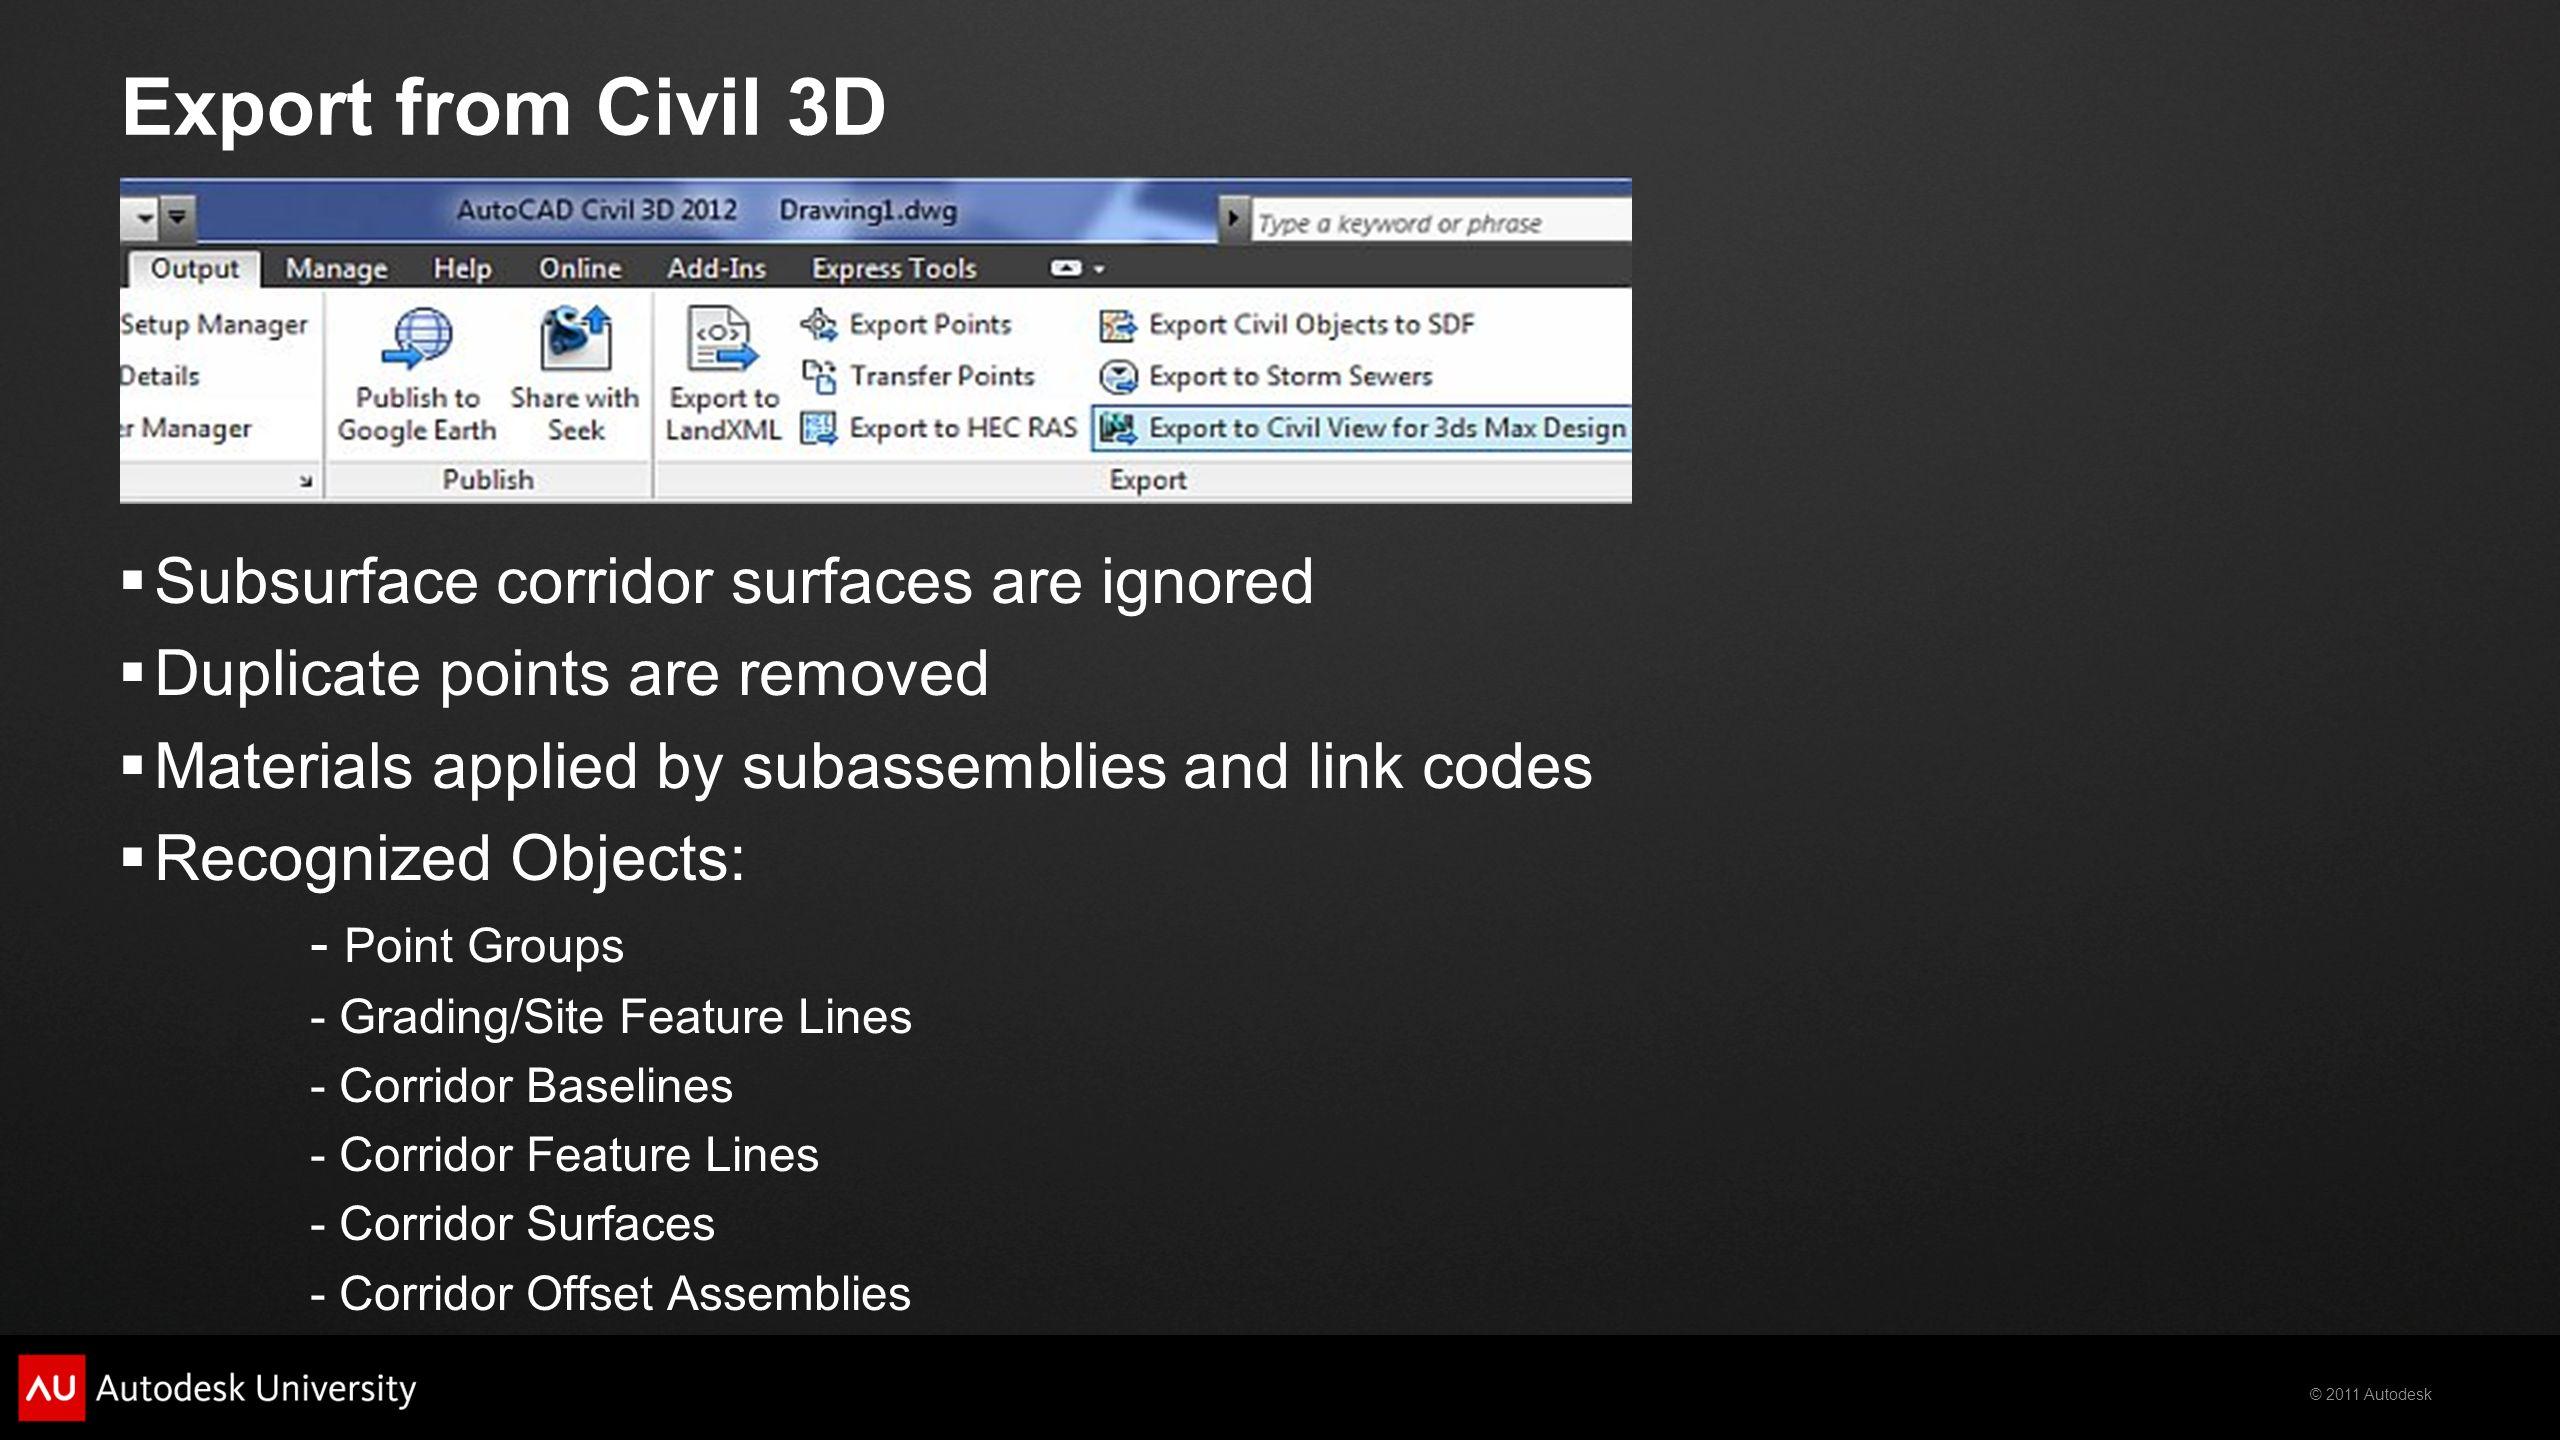 2011 Autodesk Making Dirt Look Good: Autodesk ® Civil View Kristina